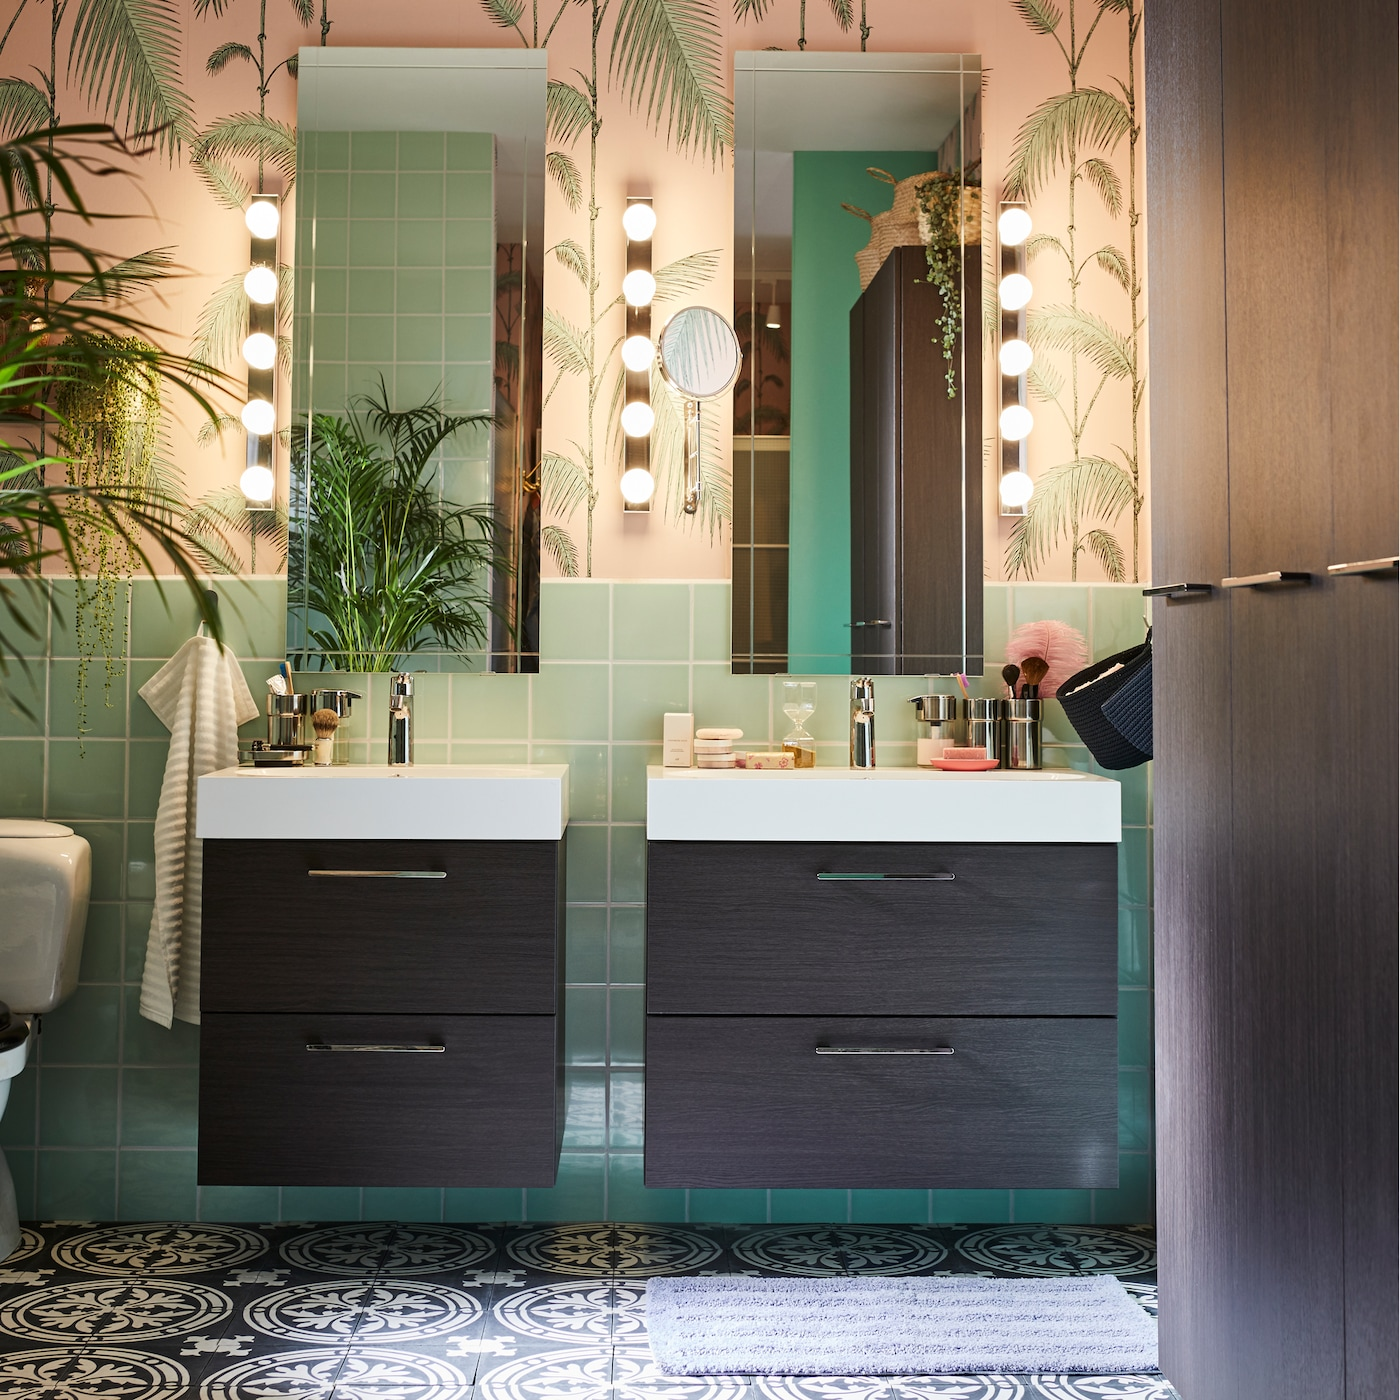 Salle de bains en vert et rose, sol à motif noir et blanc. Deux meubles-lavabos brun-noir placés l'un à côté de l'autre.